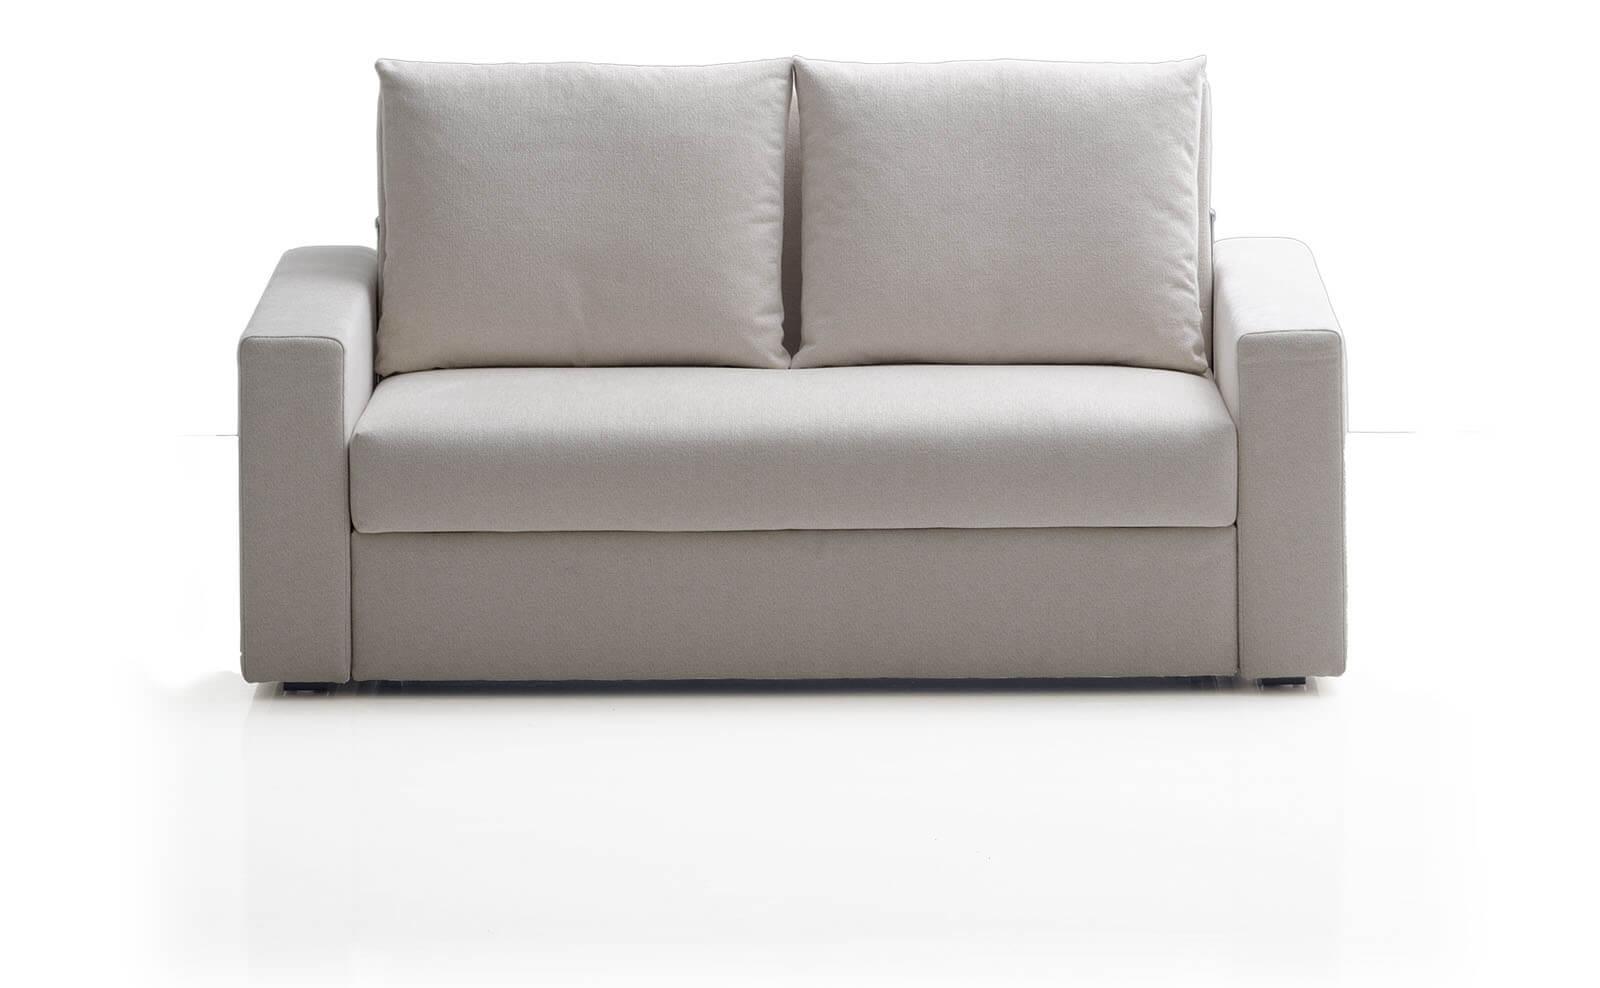 schlafcouch 180 breit great breite cm sofa rckenhhe cm sitzhhe cm with schlafcouch 180 breit. Black Bedroom Furniture Sets. Home Design Ideas